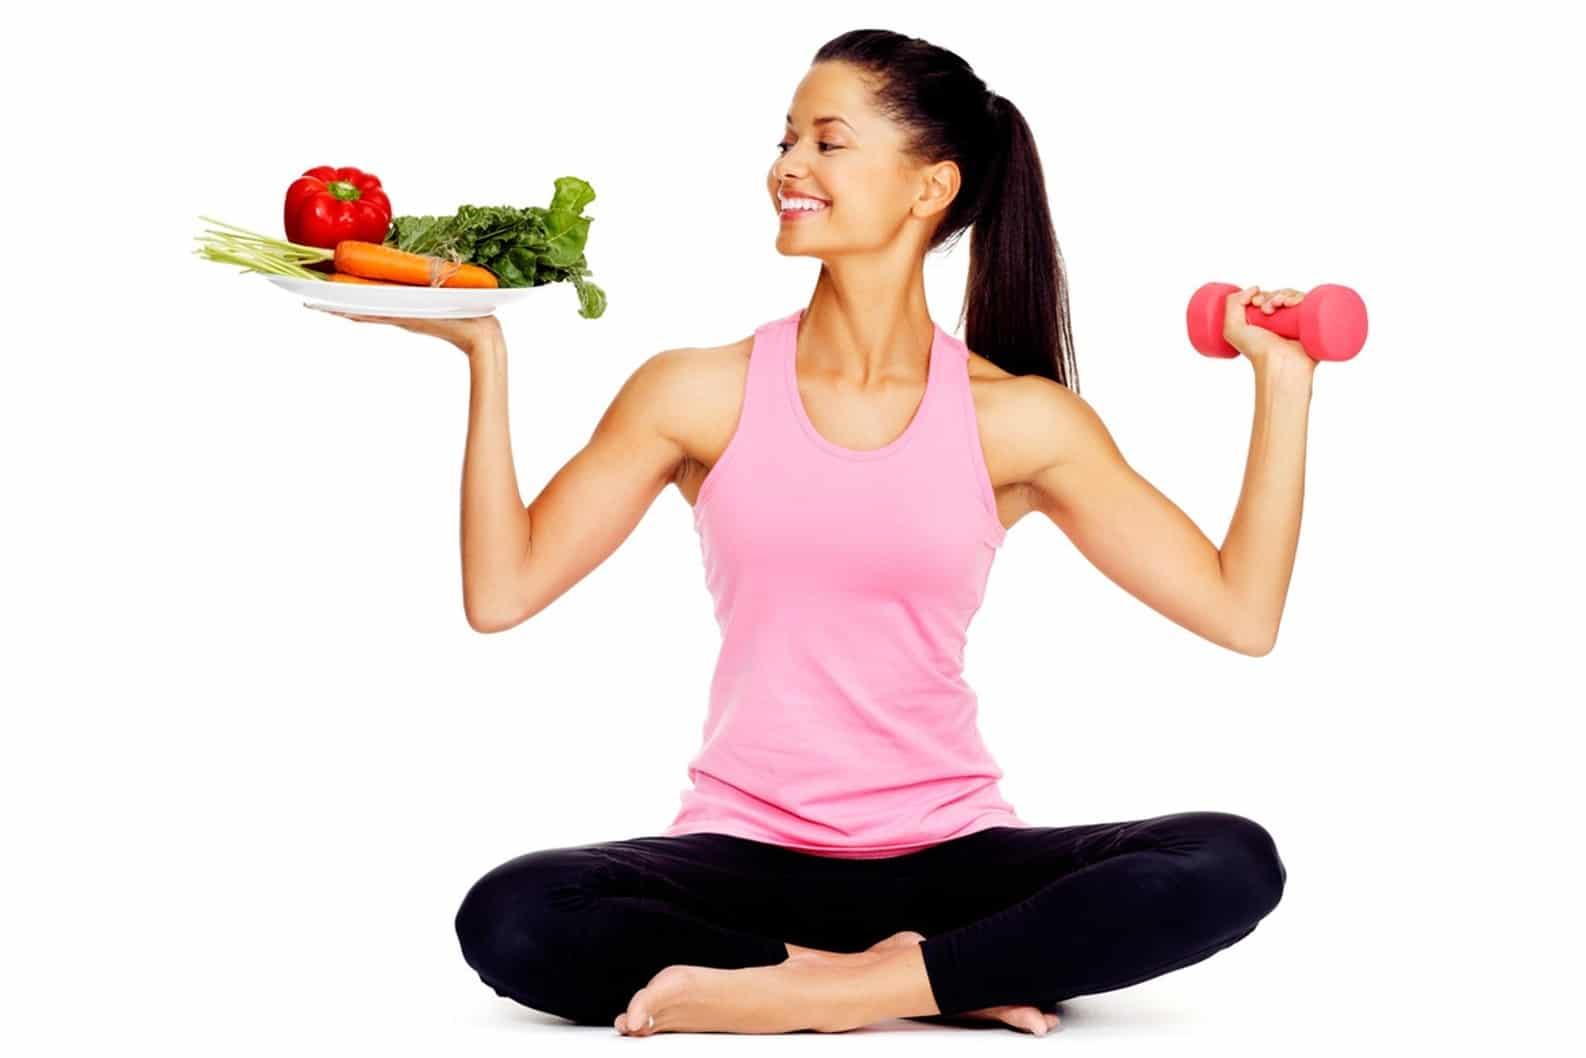 Bằng cách ghi chép lại chế độ, thói quen dinh dưỡng hàng ngày